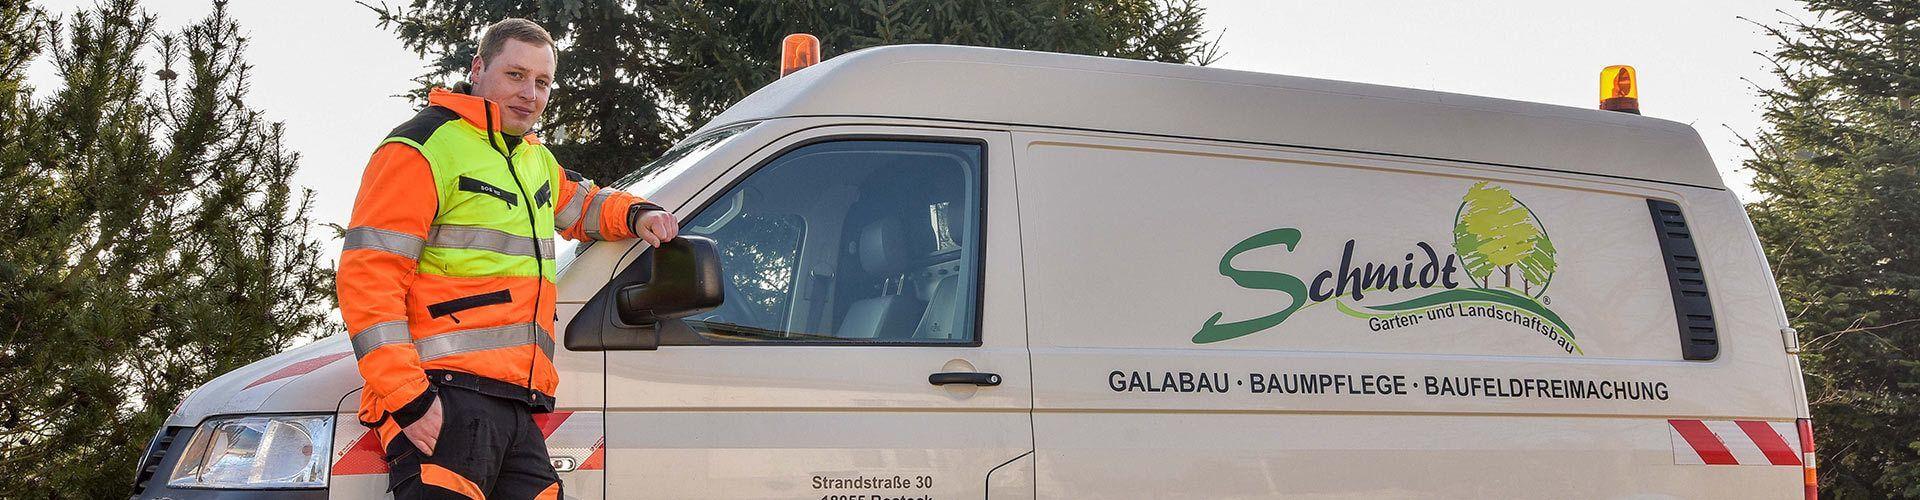 Kontaktieren Sie jetzt die Baumpflege Galabau Rostock!